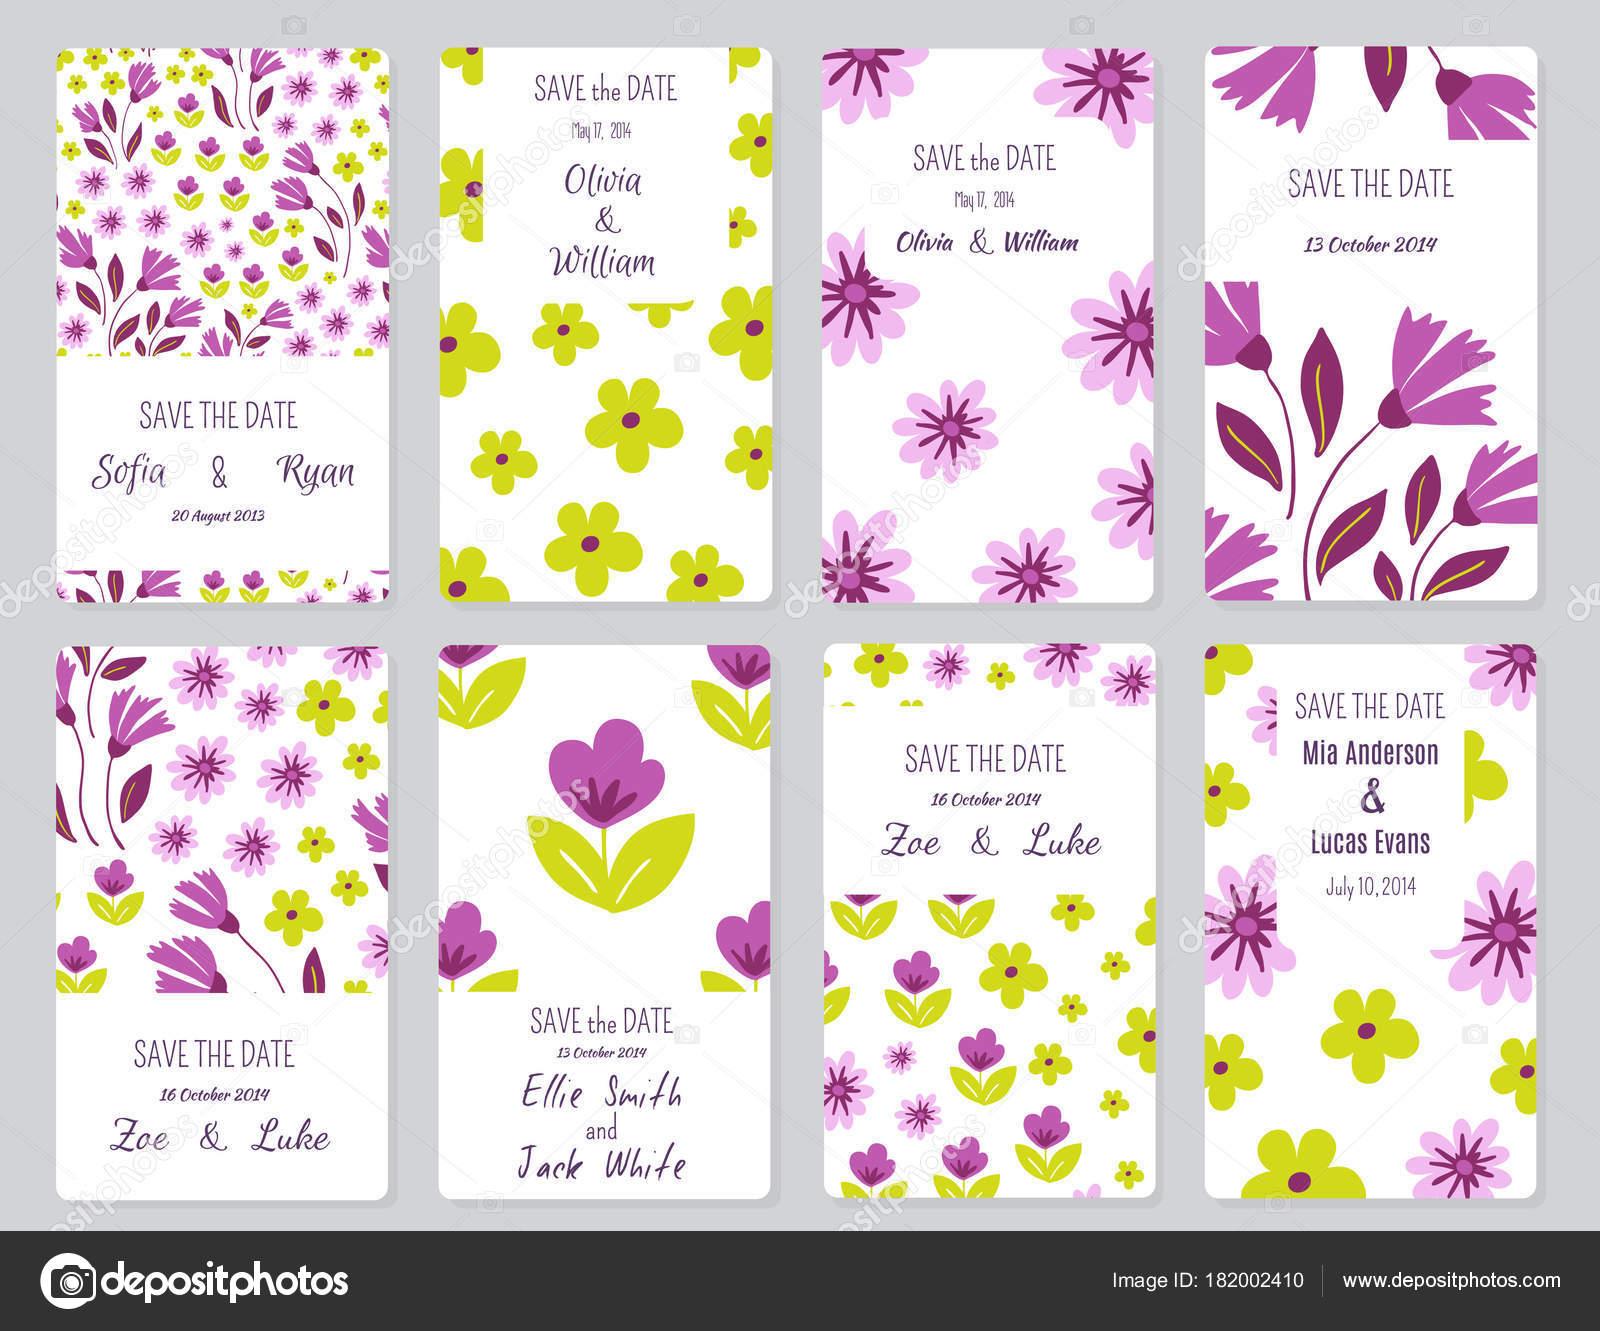 Vektor Sanfte Hochzeit Karten Vorlage Mit Blumenmuster Einladung ...